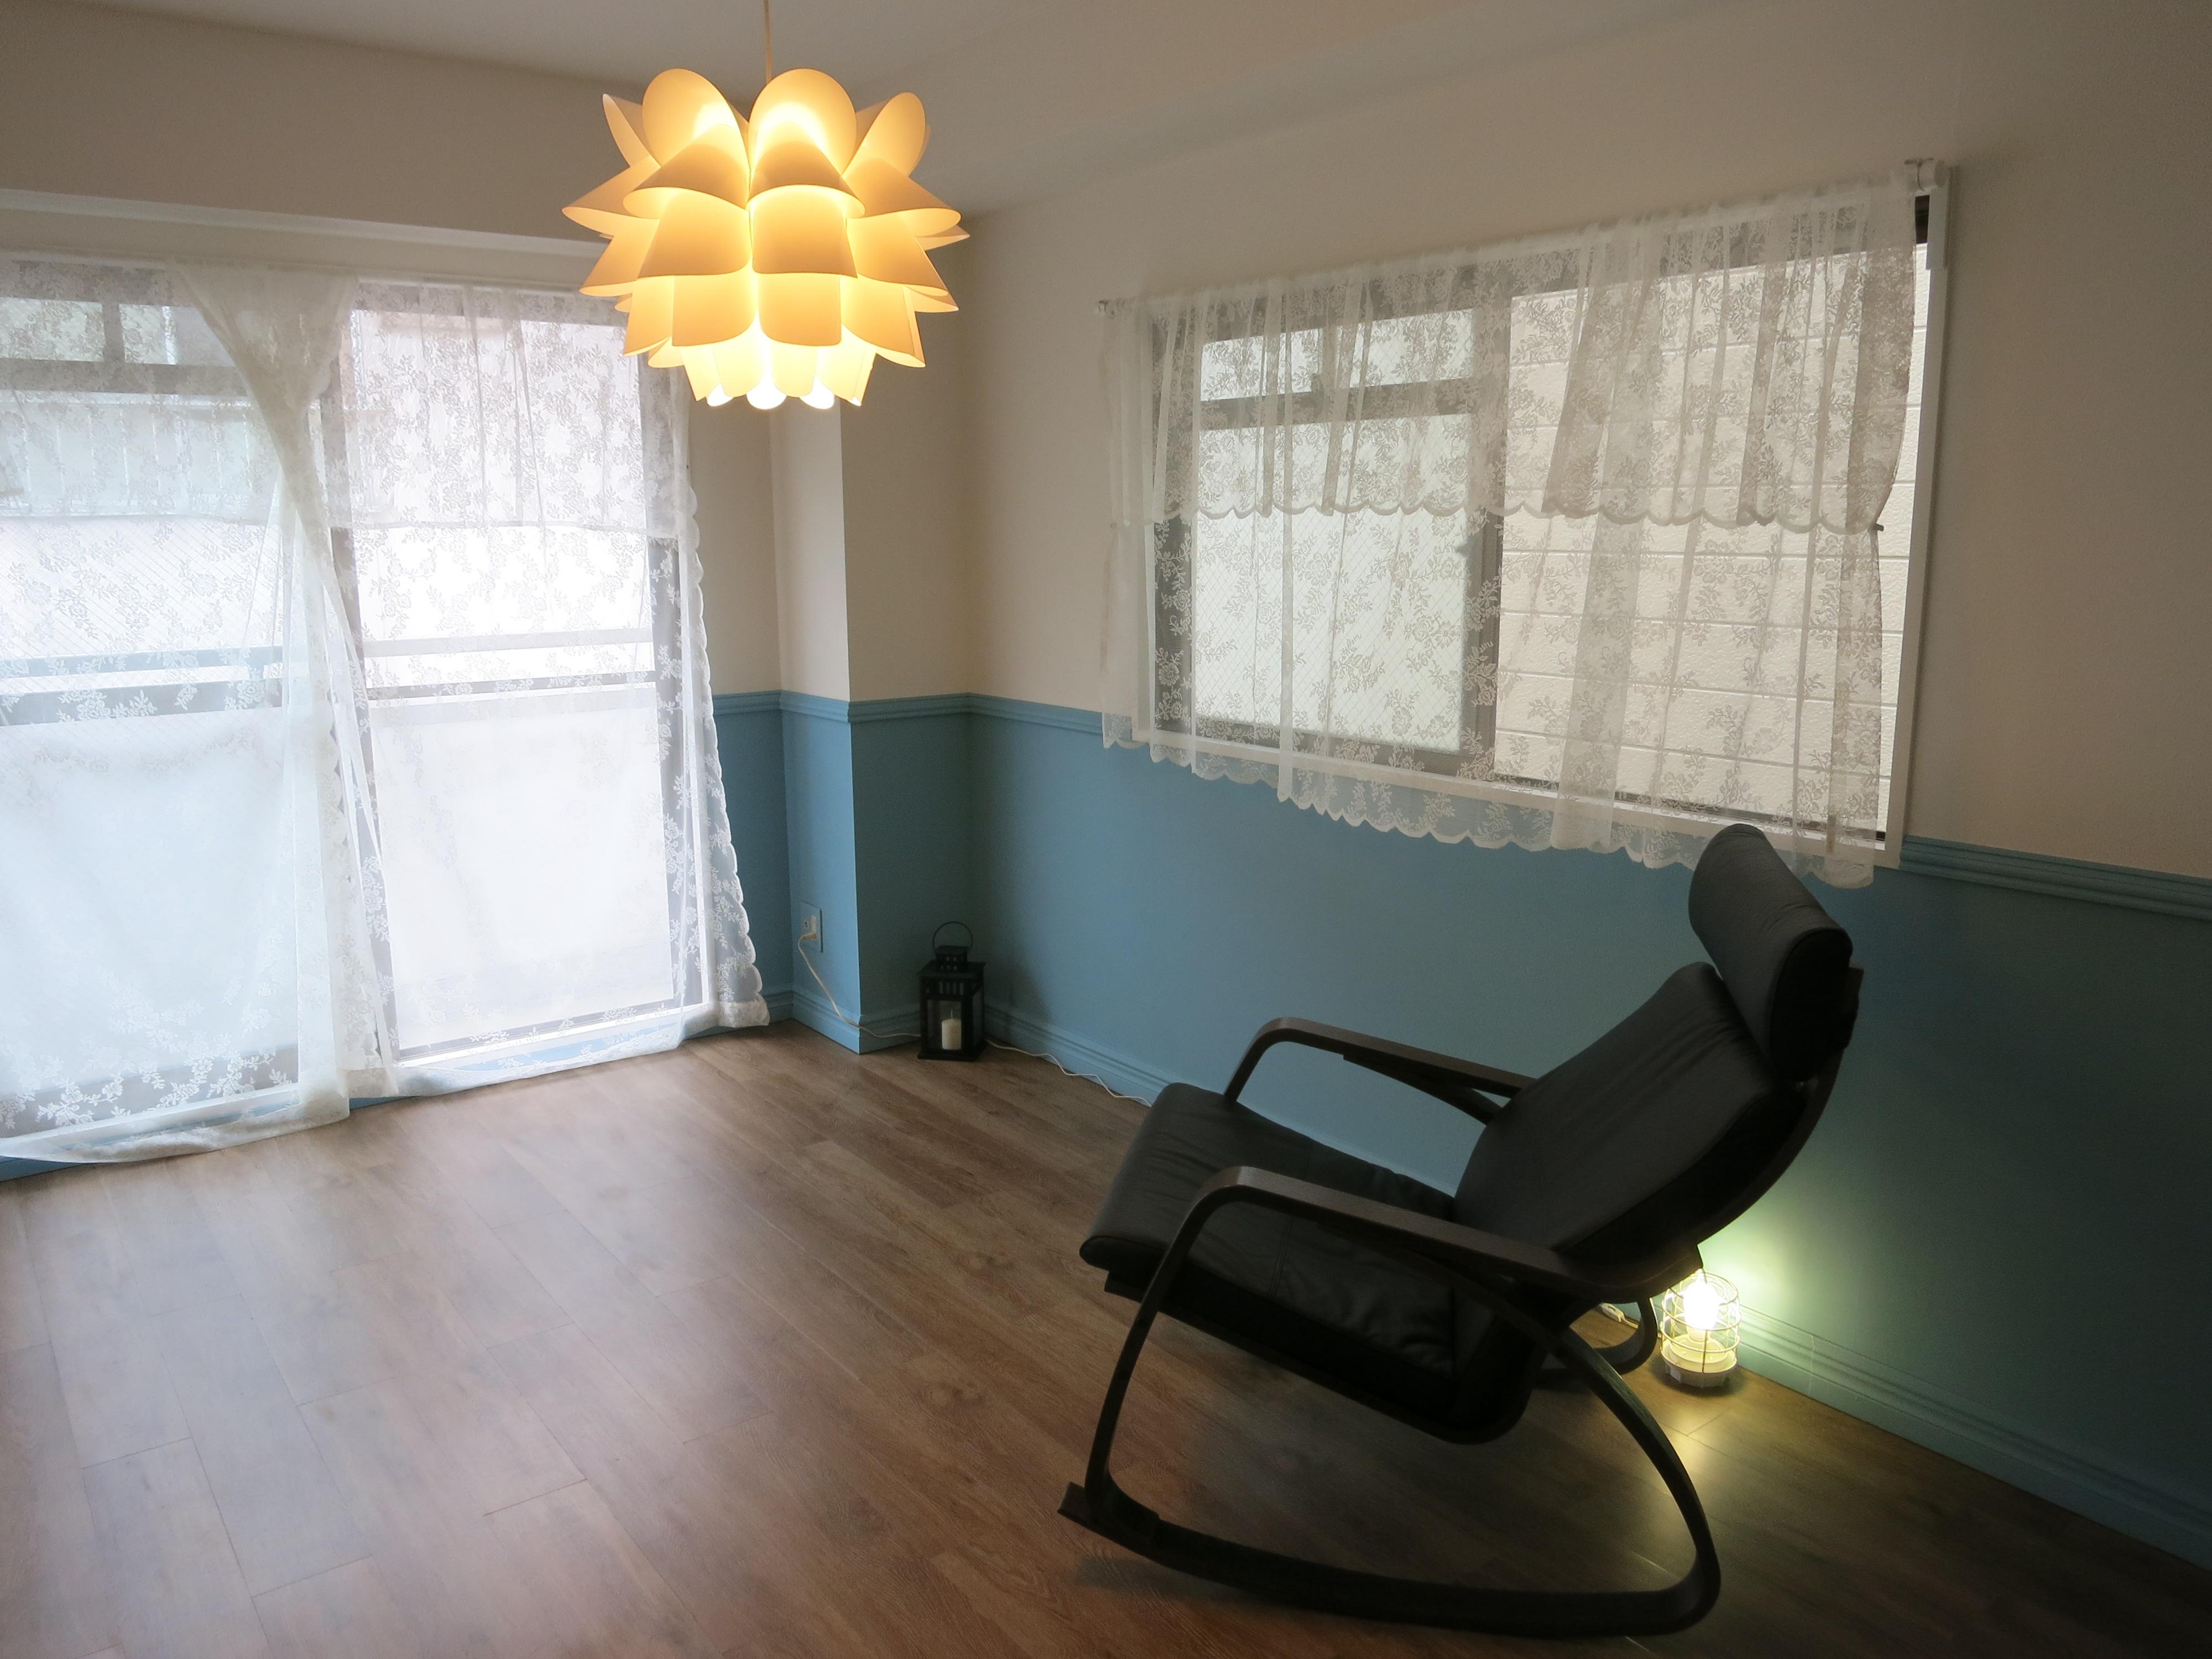 リビング隣の洋室は、ベランダと窓があってとっても明るいです。